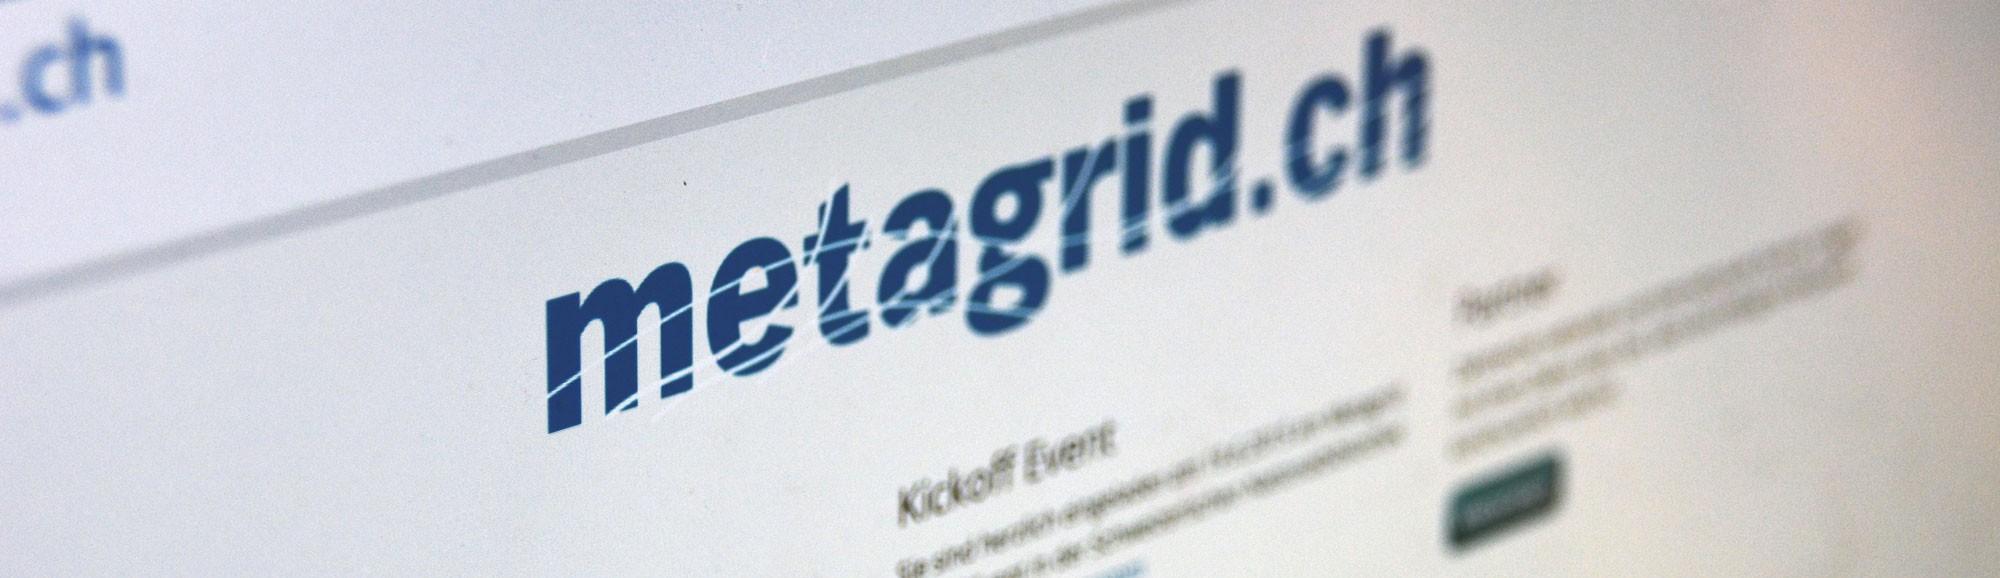 metagrid-ausschnitt-1024x2962x